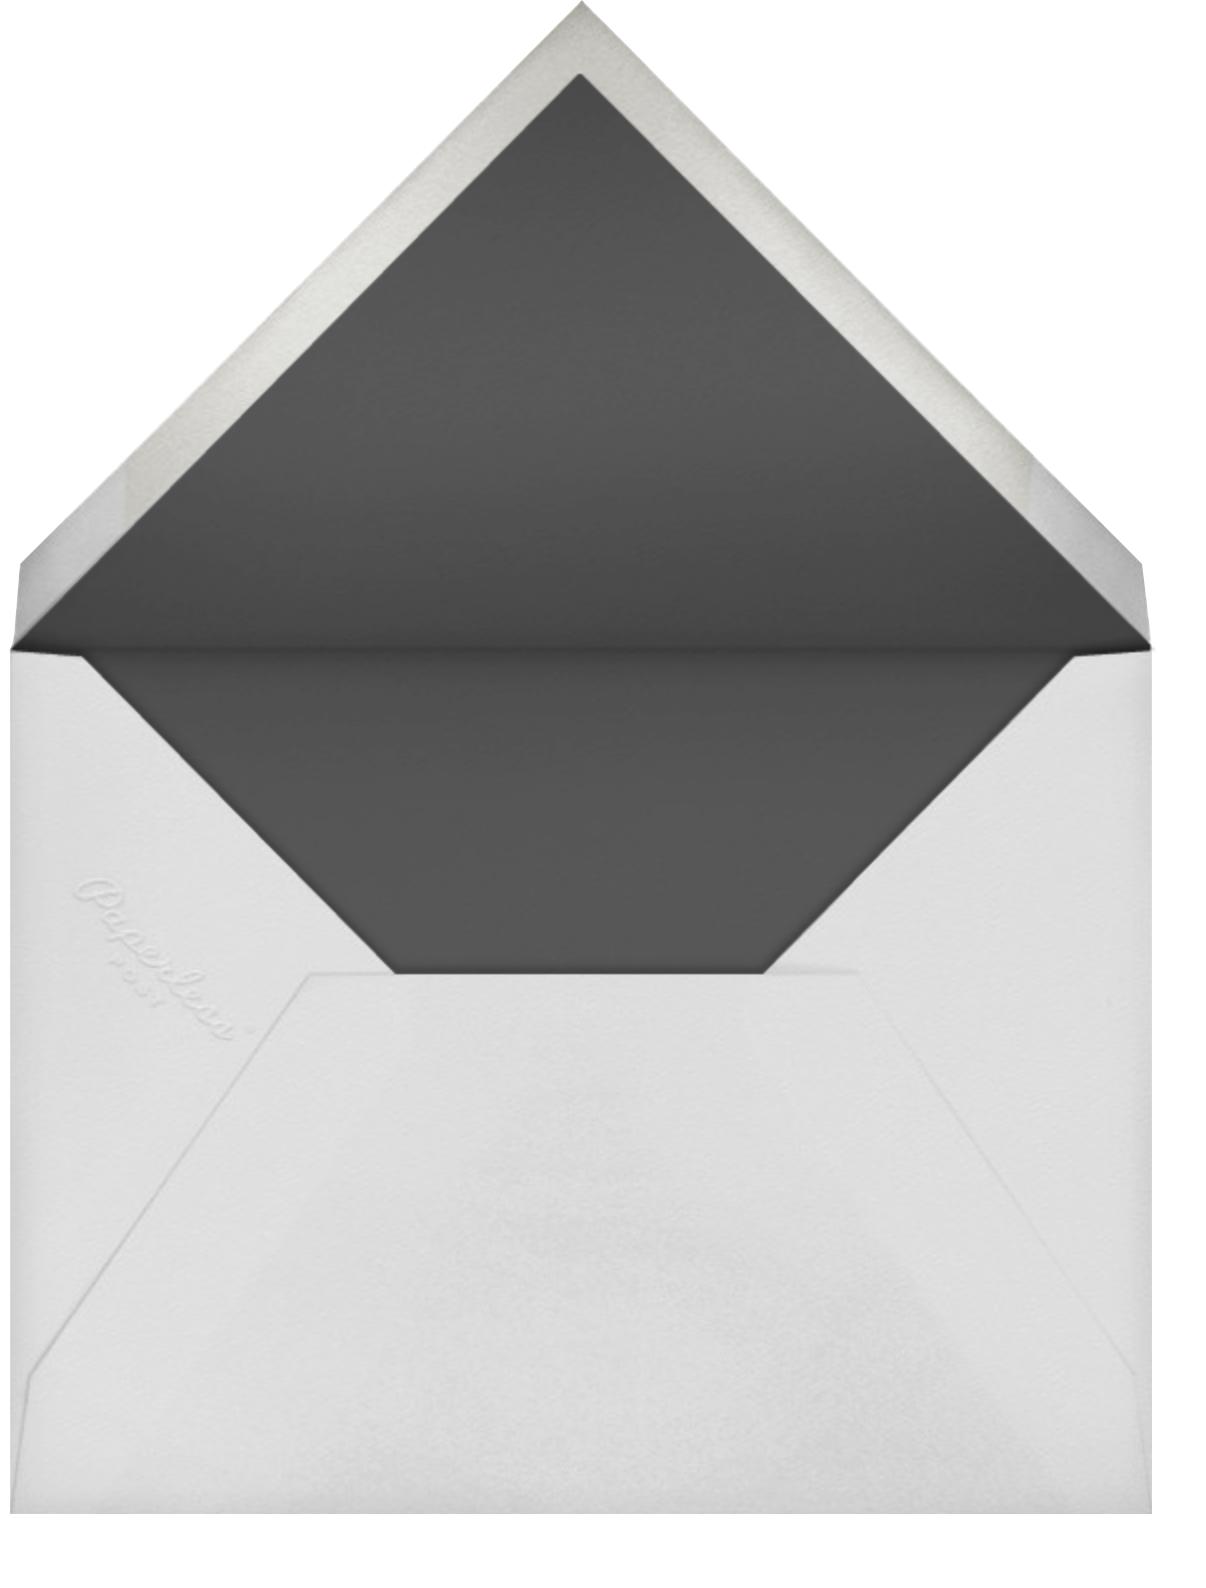 Blithe - Kelly Wearstler - All - envelope back